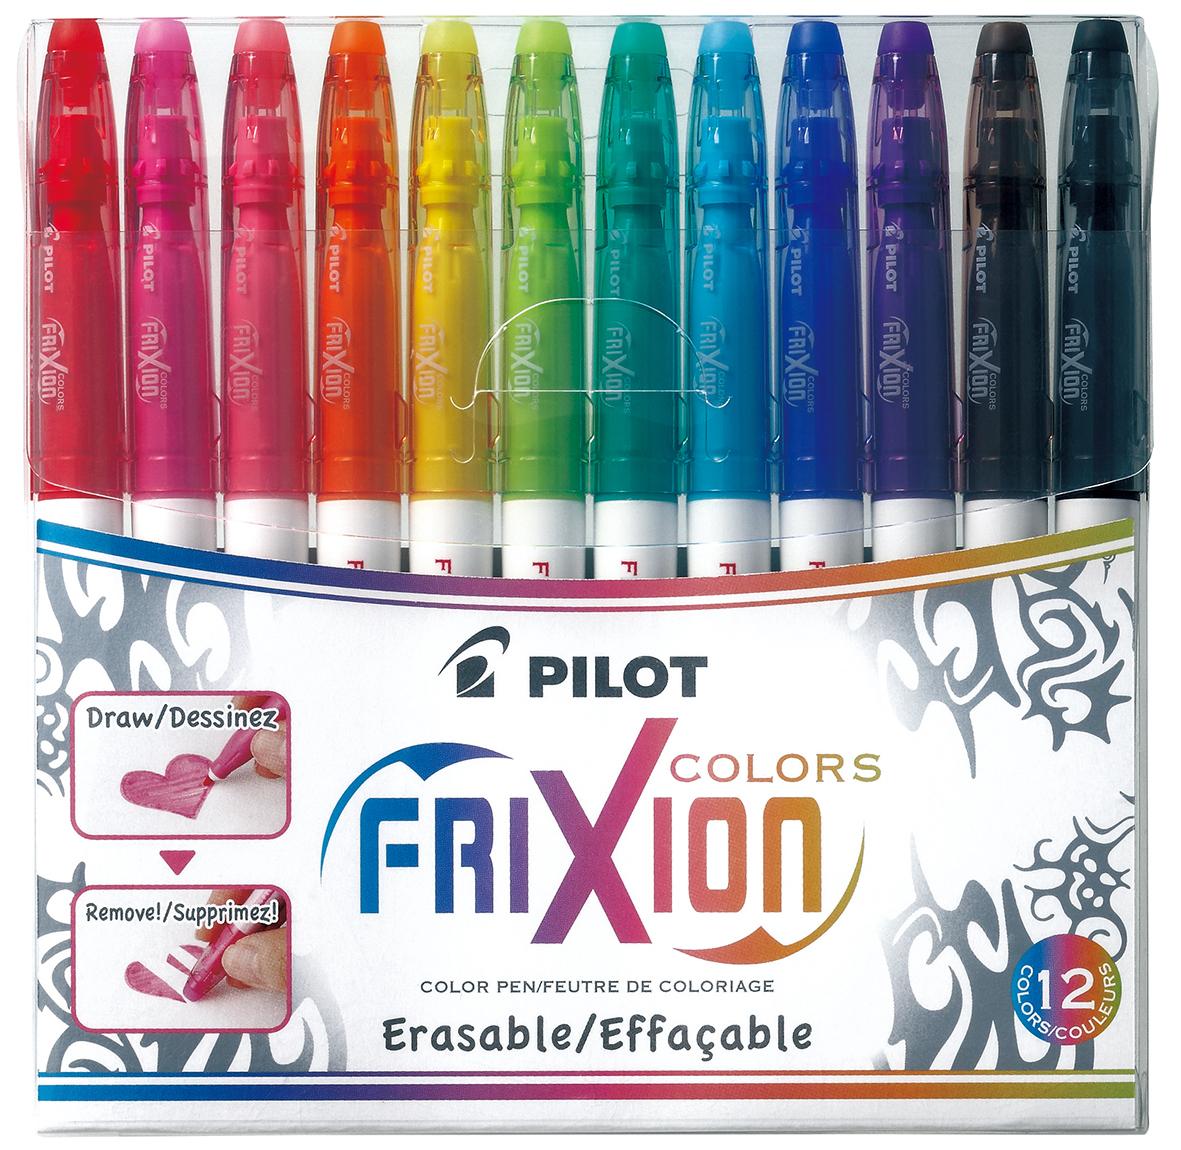 Pilot FriXion Erasable Colours Pens Pkt 12 image